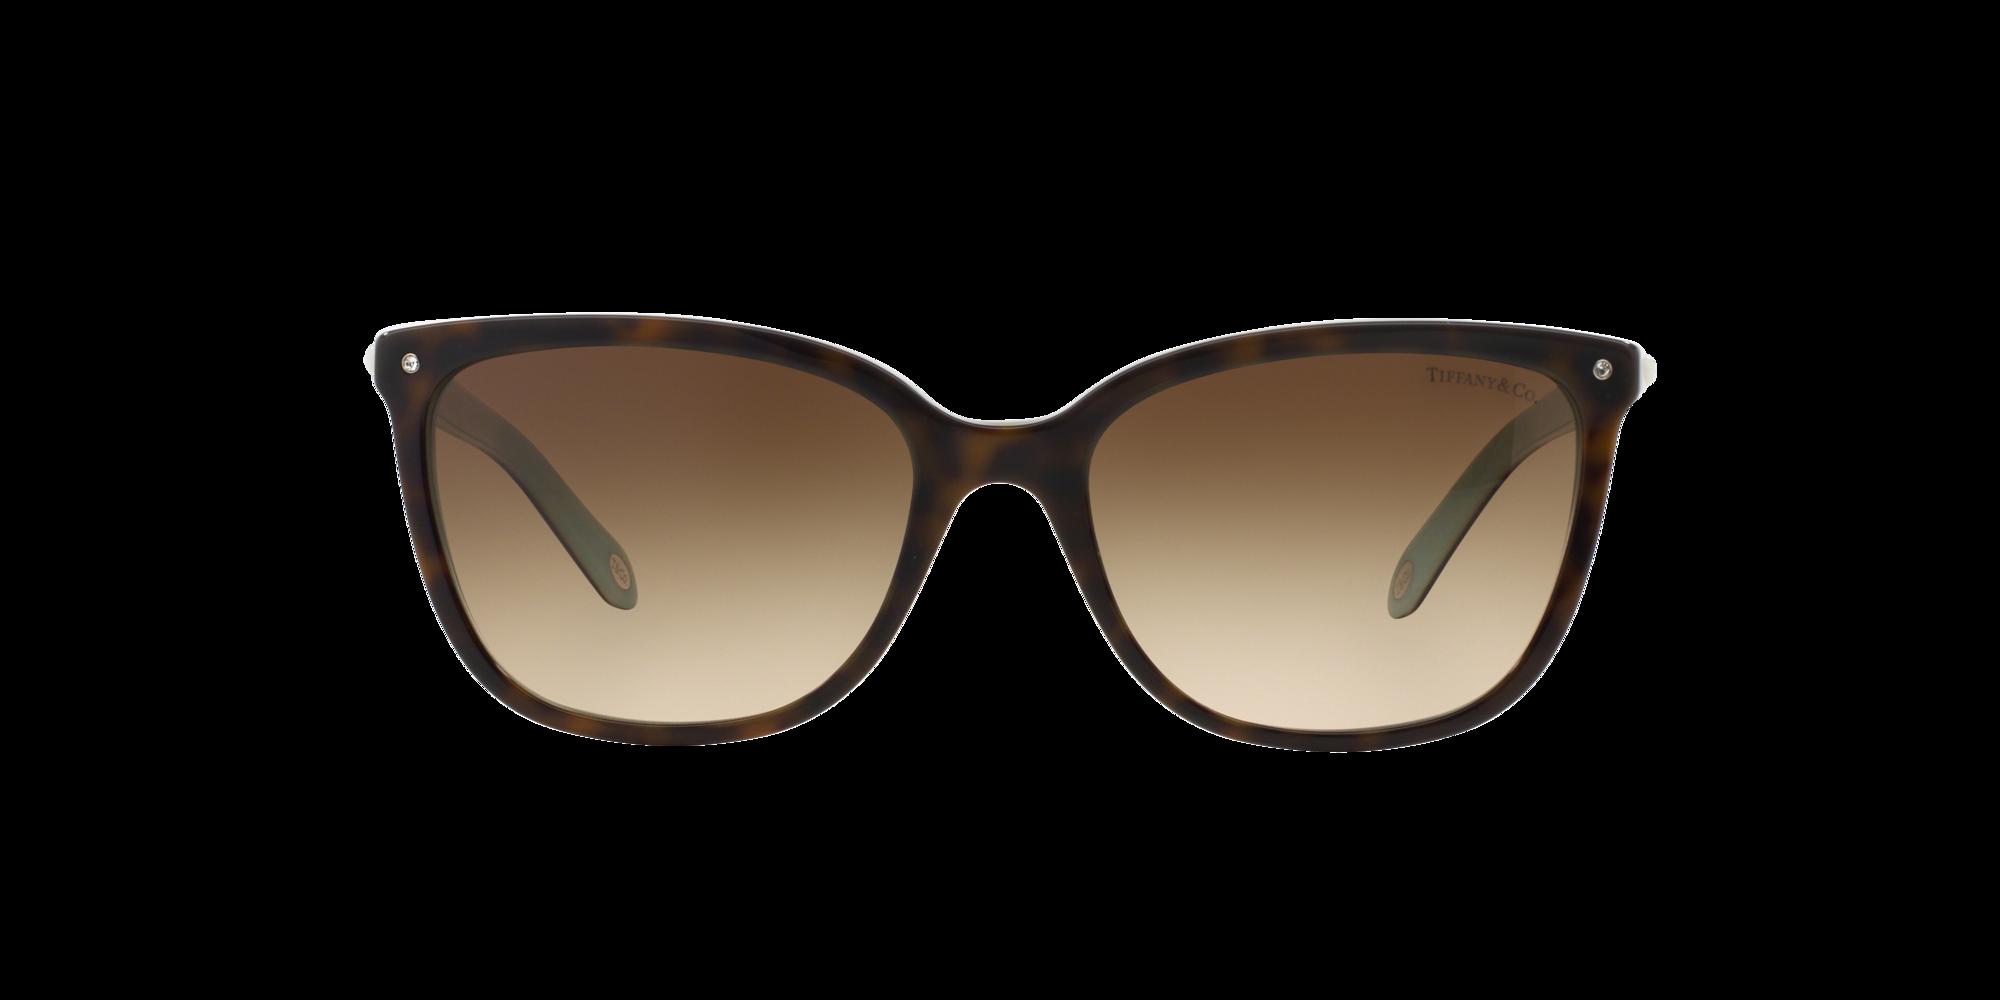 Imagen para TF4105HB 55 de LensCrafters |  Espejuelos, espejuelos graduados en línea, gafas